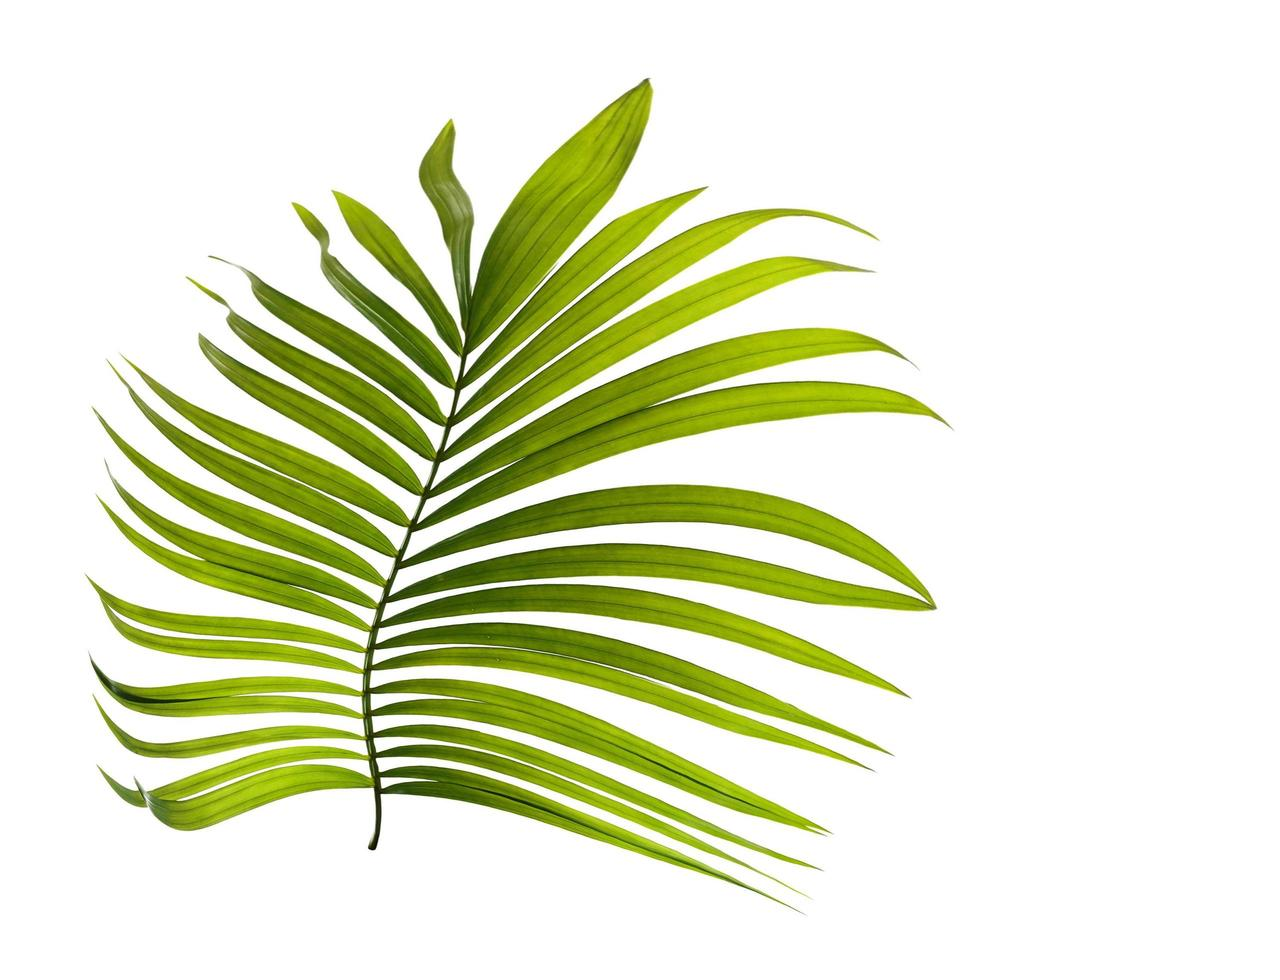 klein groen tropisch blad foto